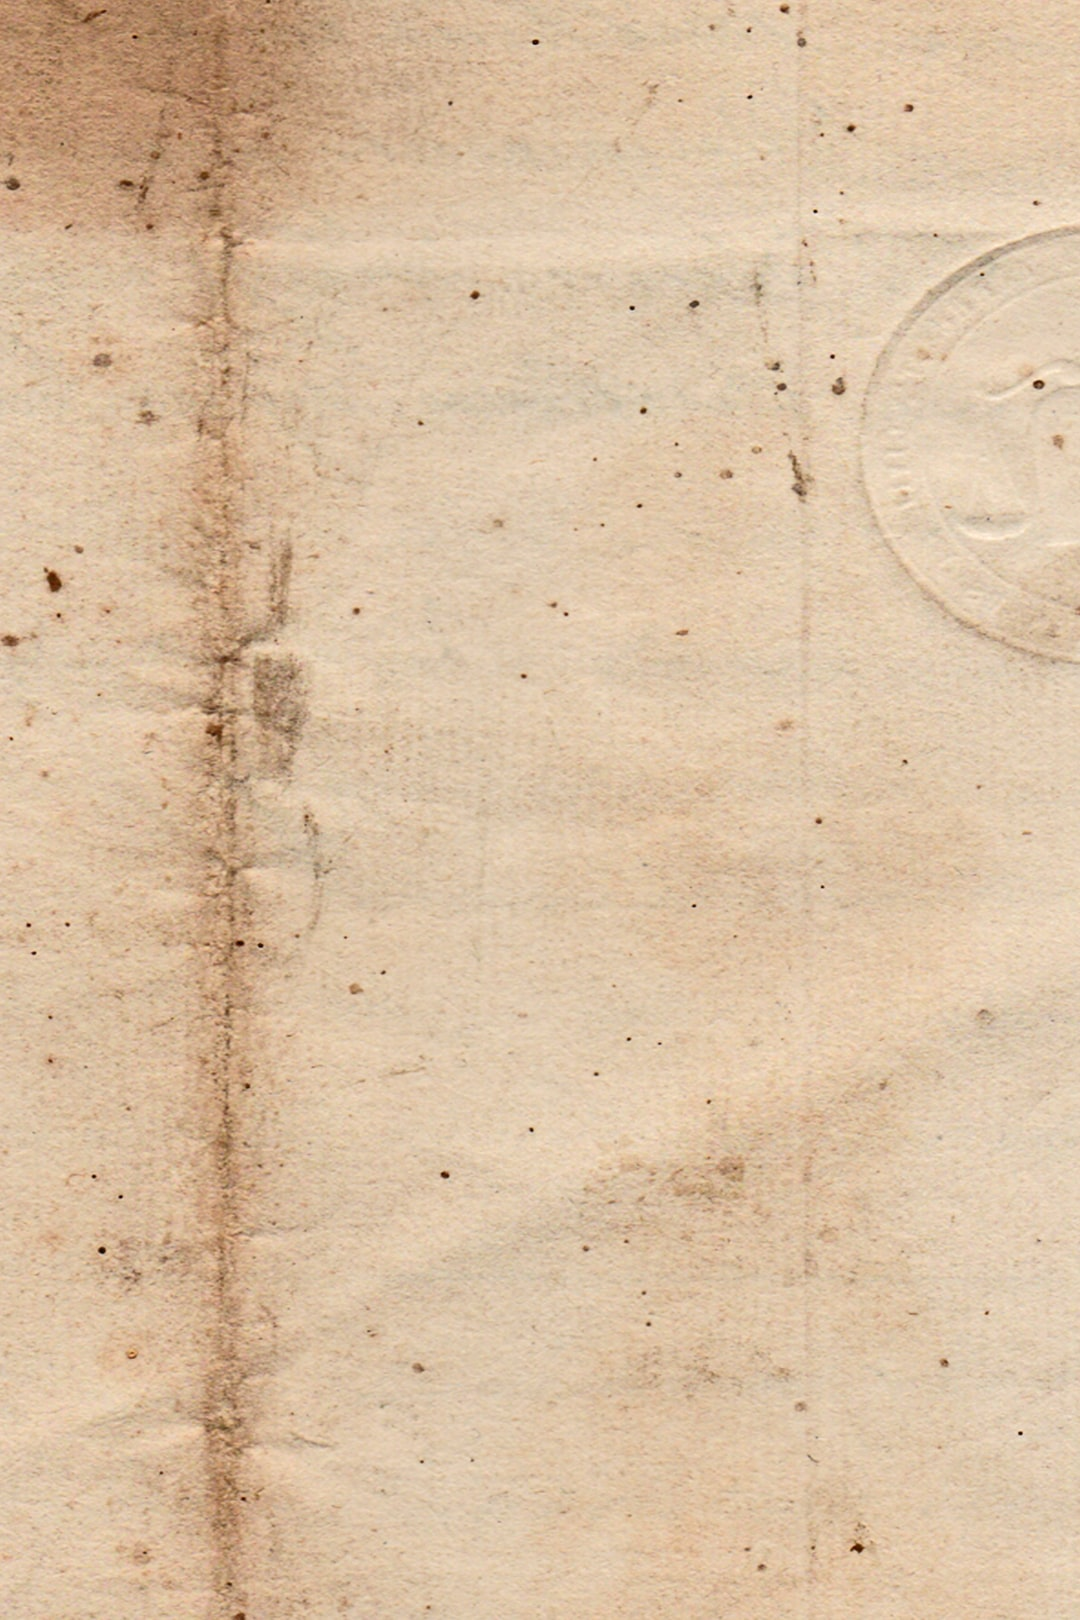 Vintage Stamped Paper - 4 September 1838